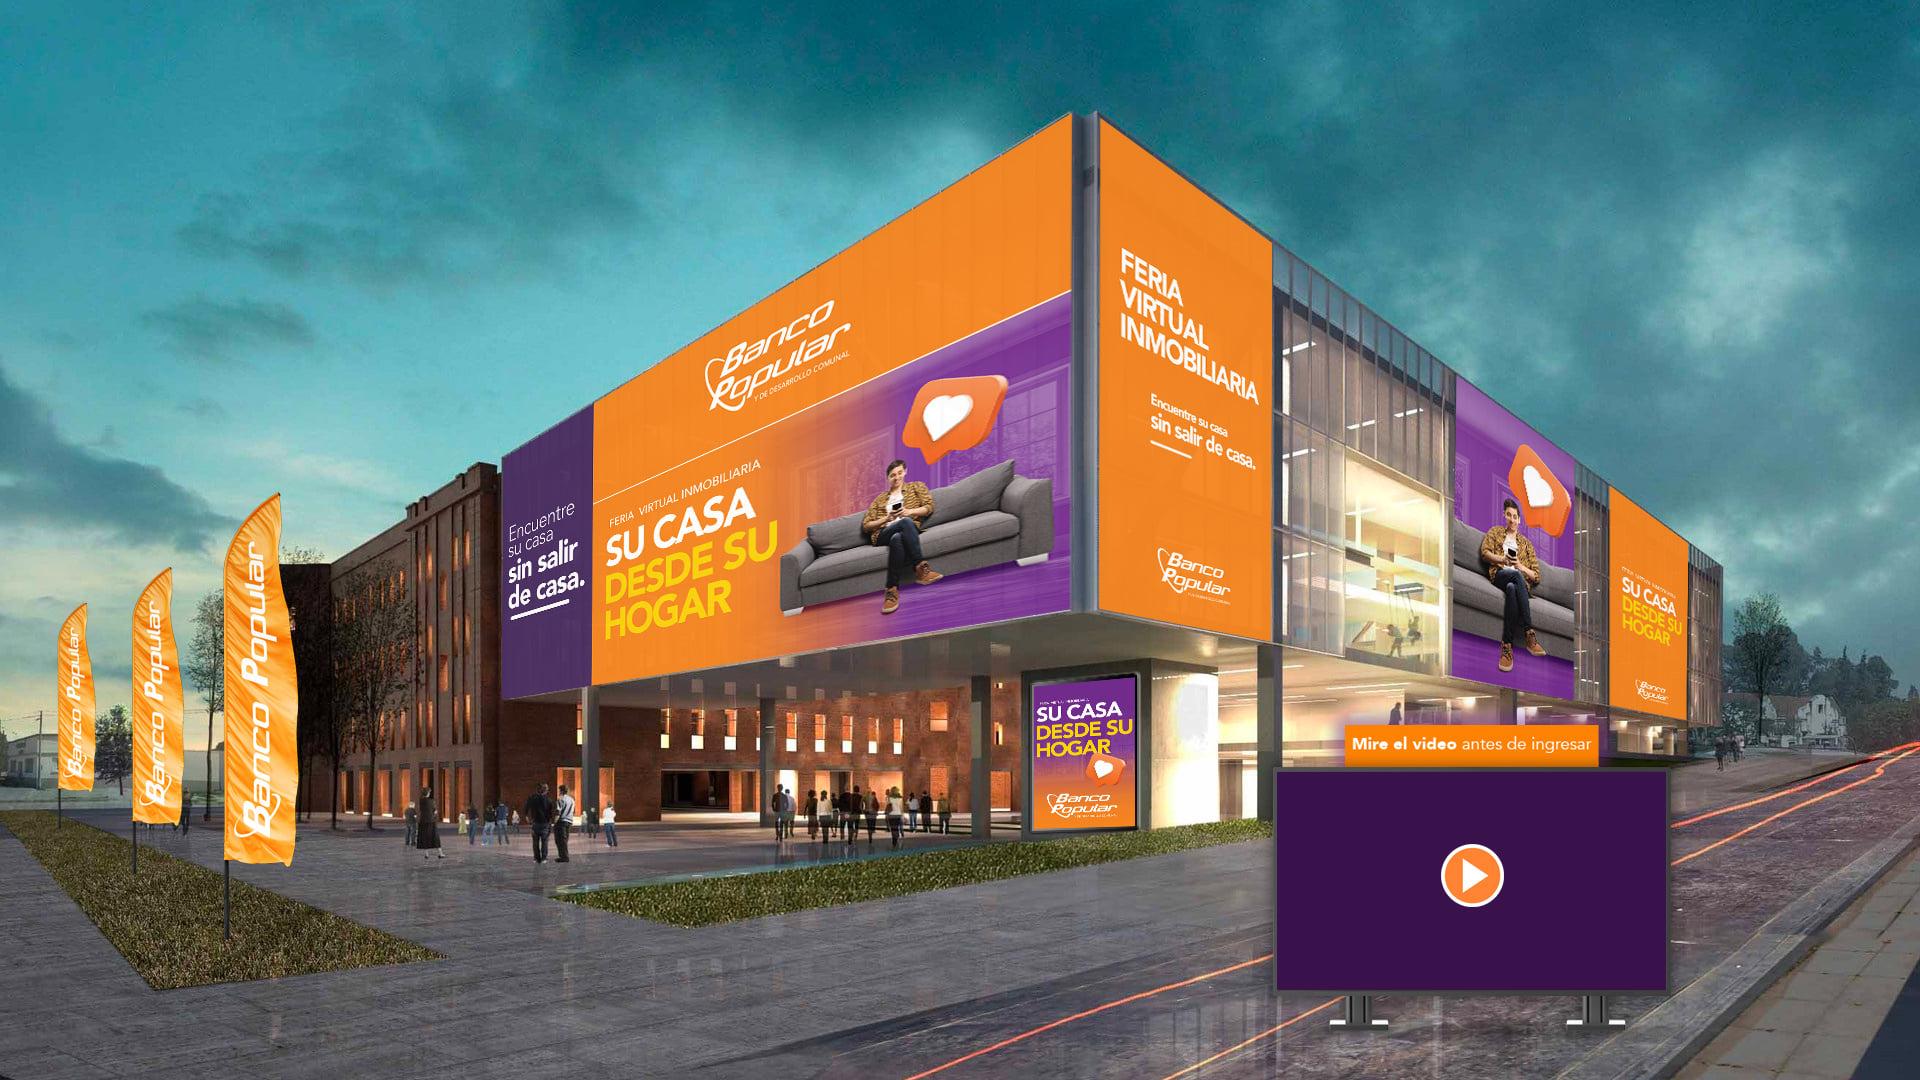 Ferias virtuales 2D o 3D